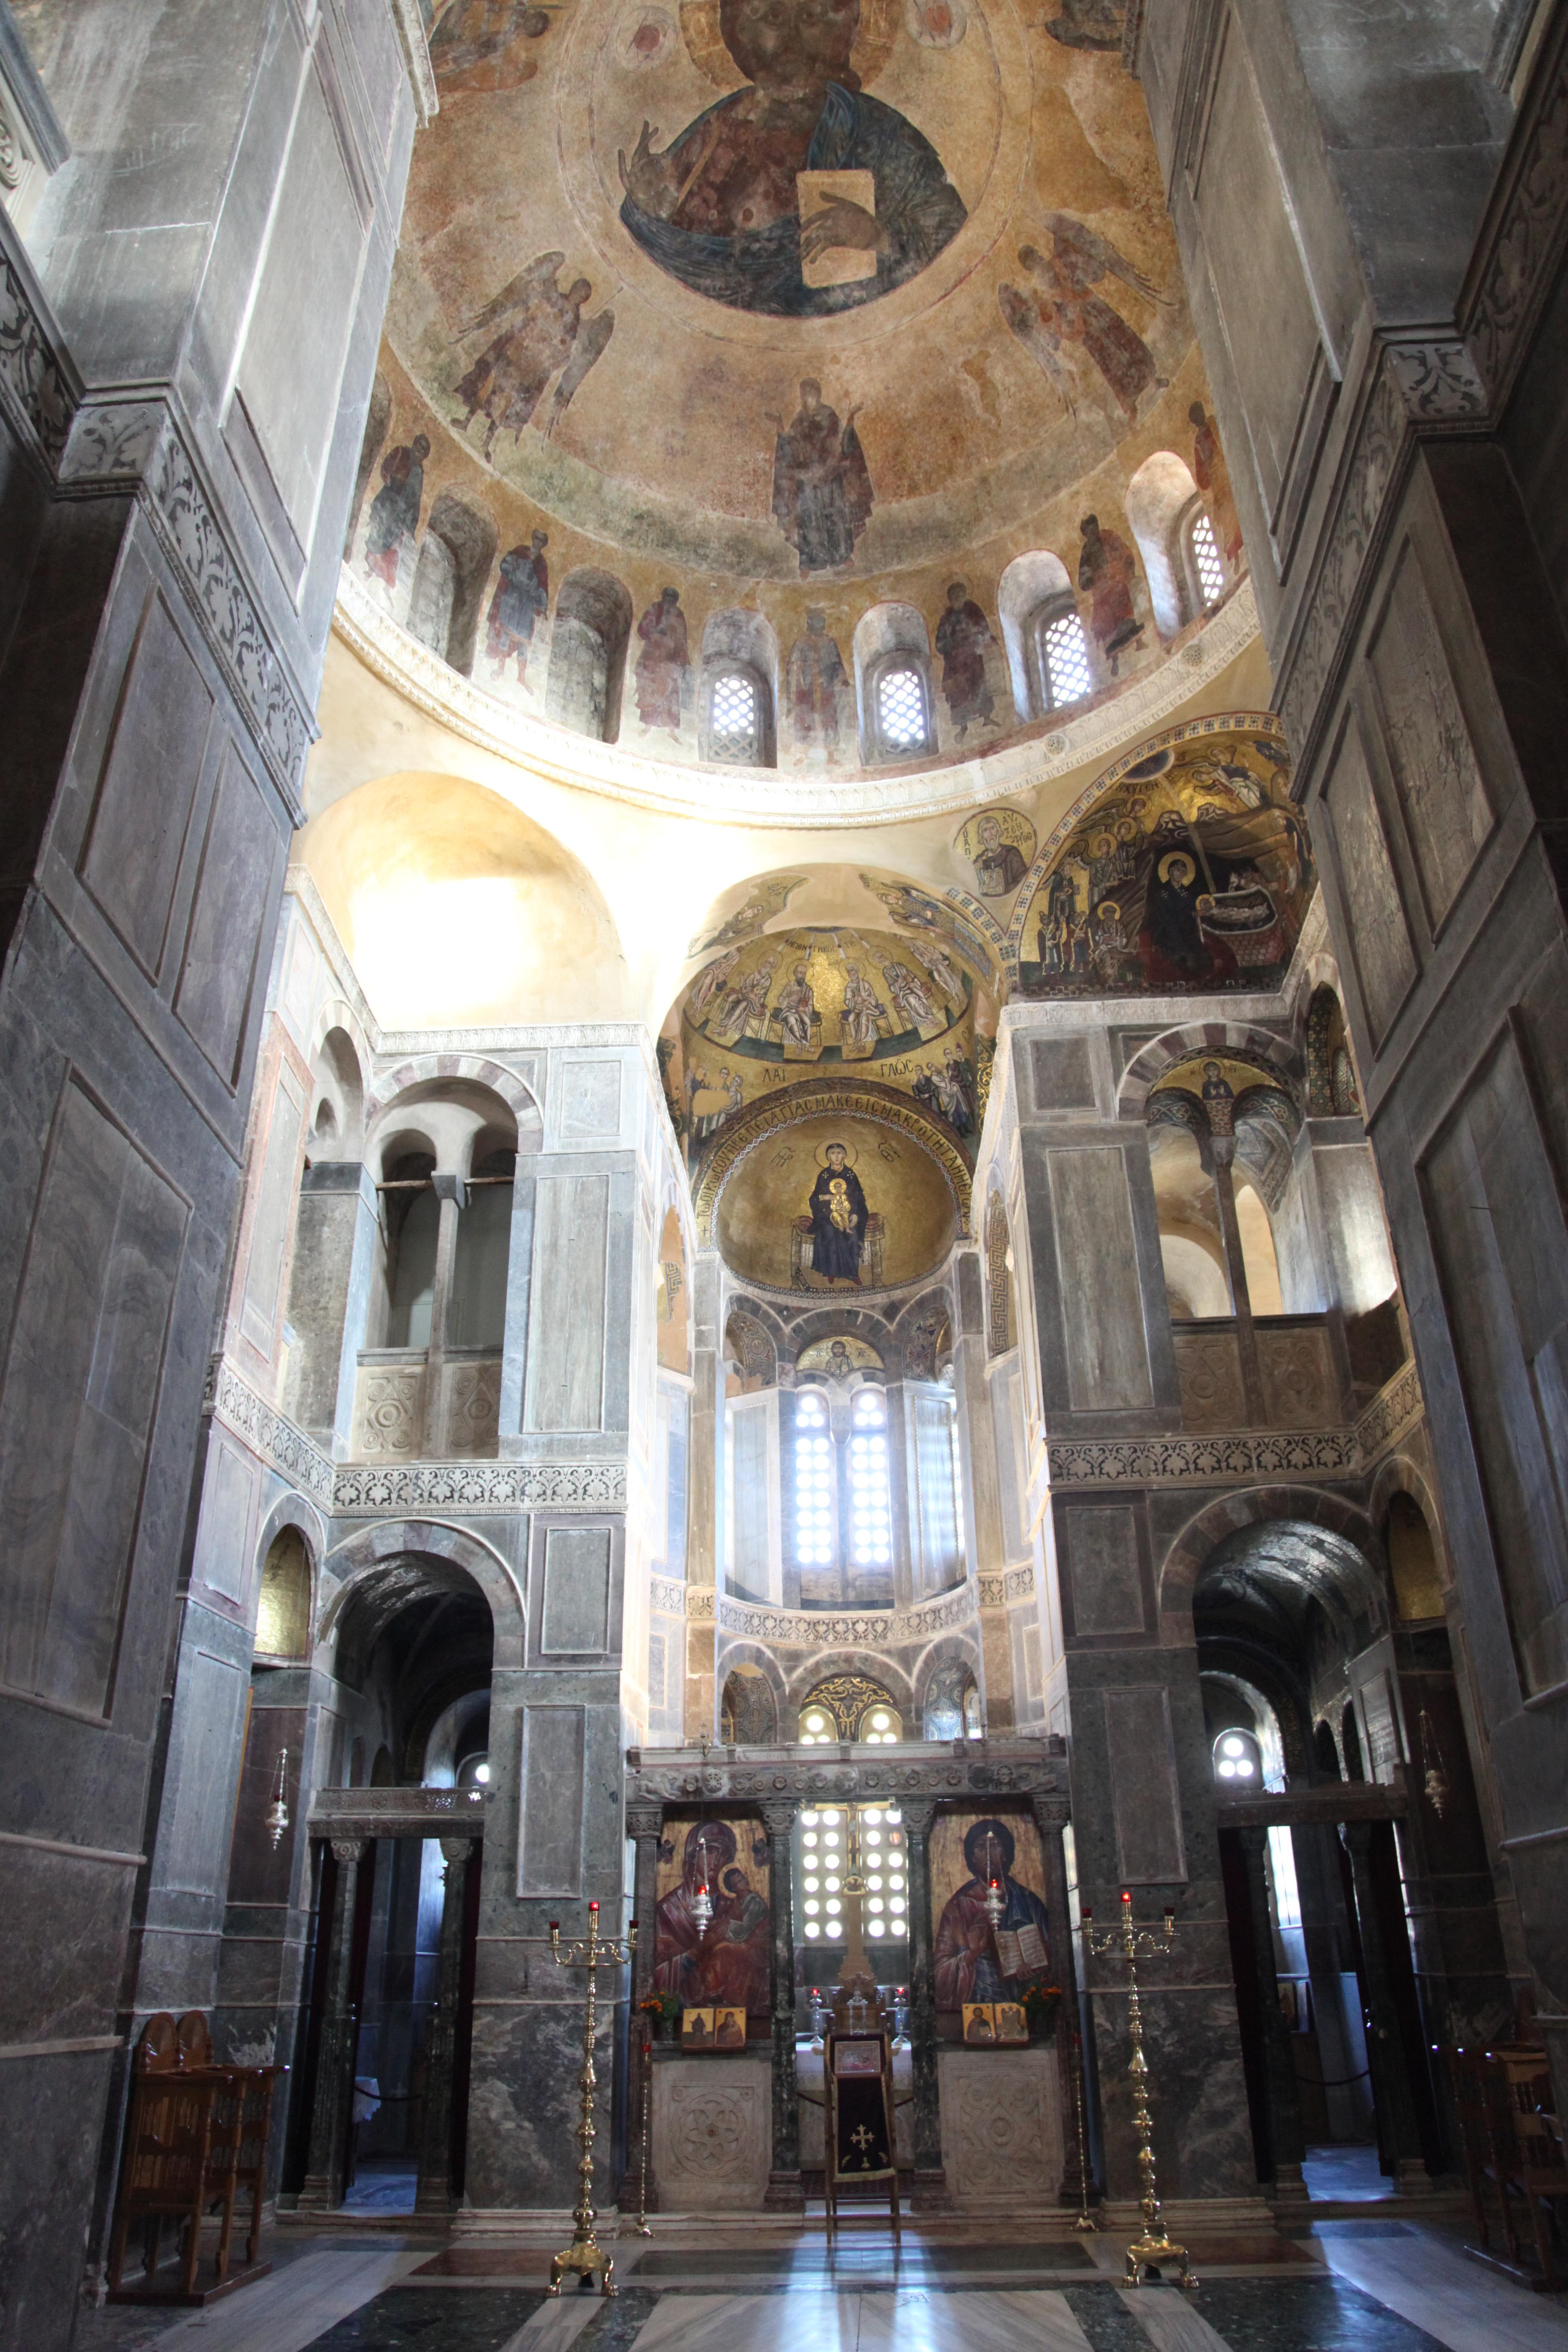 Architecture D Intérieur Saint Luc file:hosios loukas katholikon 20091116-33 - wikimedia